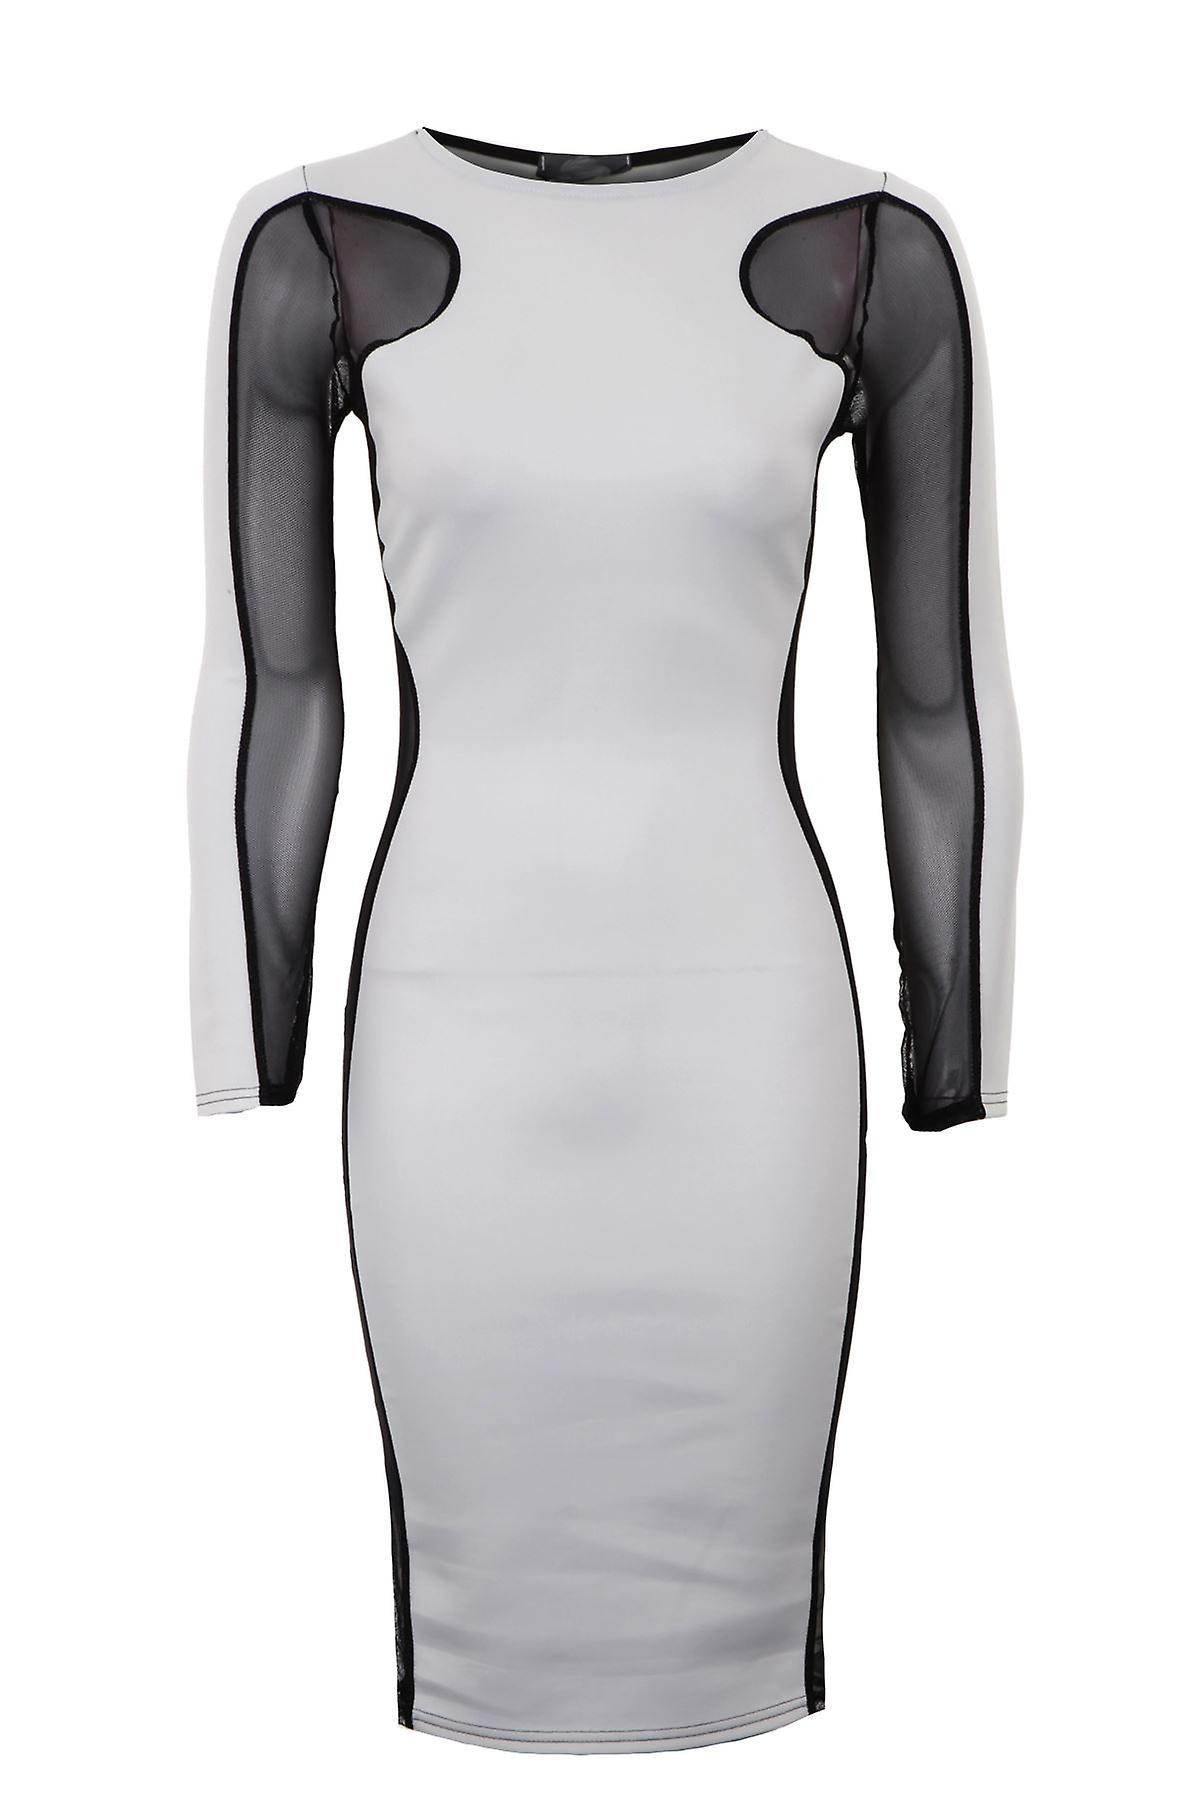 Hyvät vain kontrasti silmän lisää mekko pelkkä laihdutus vaikutus naisten mekko